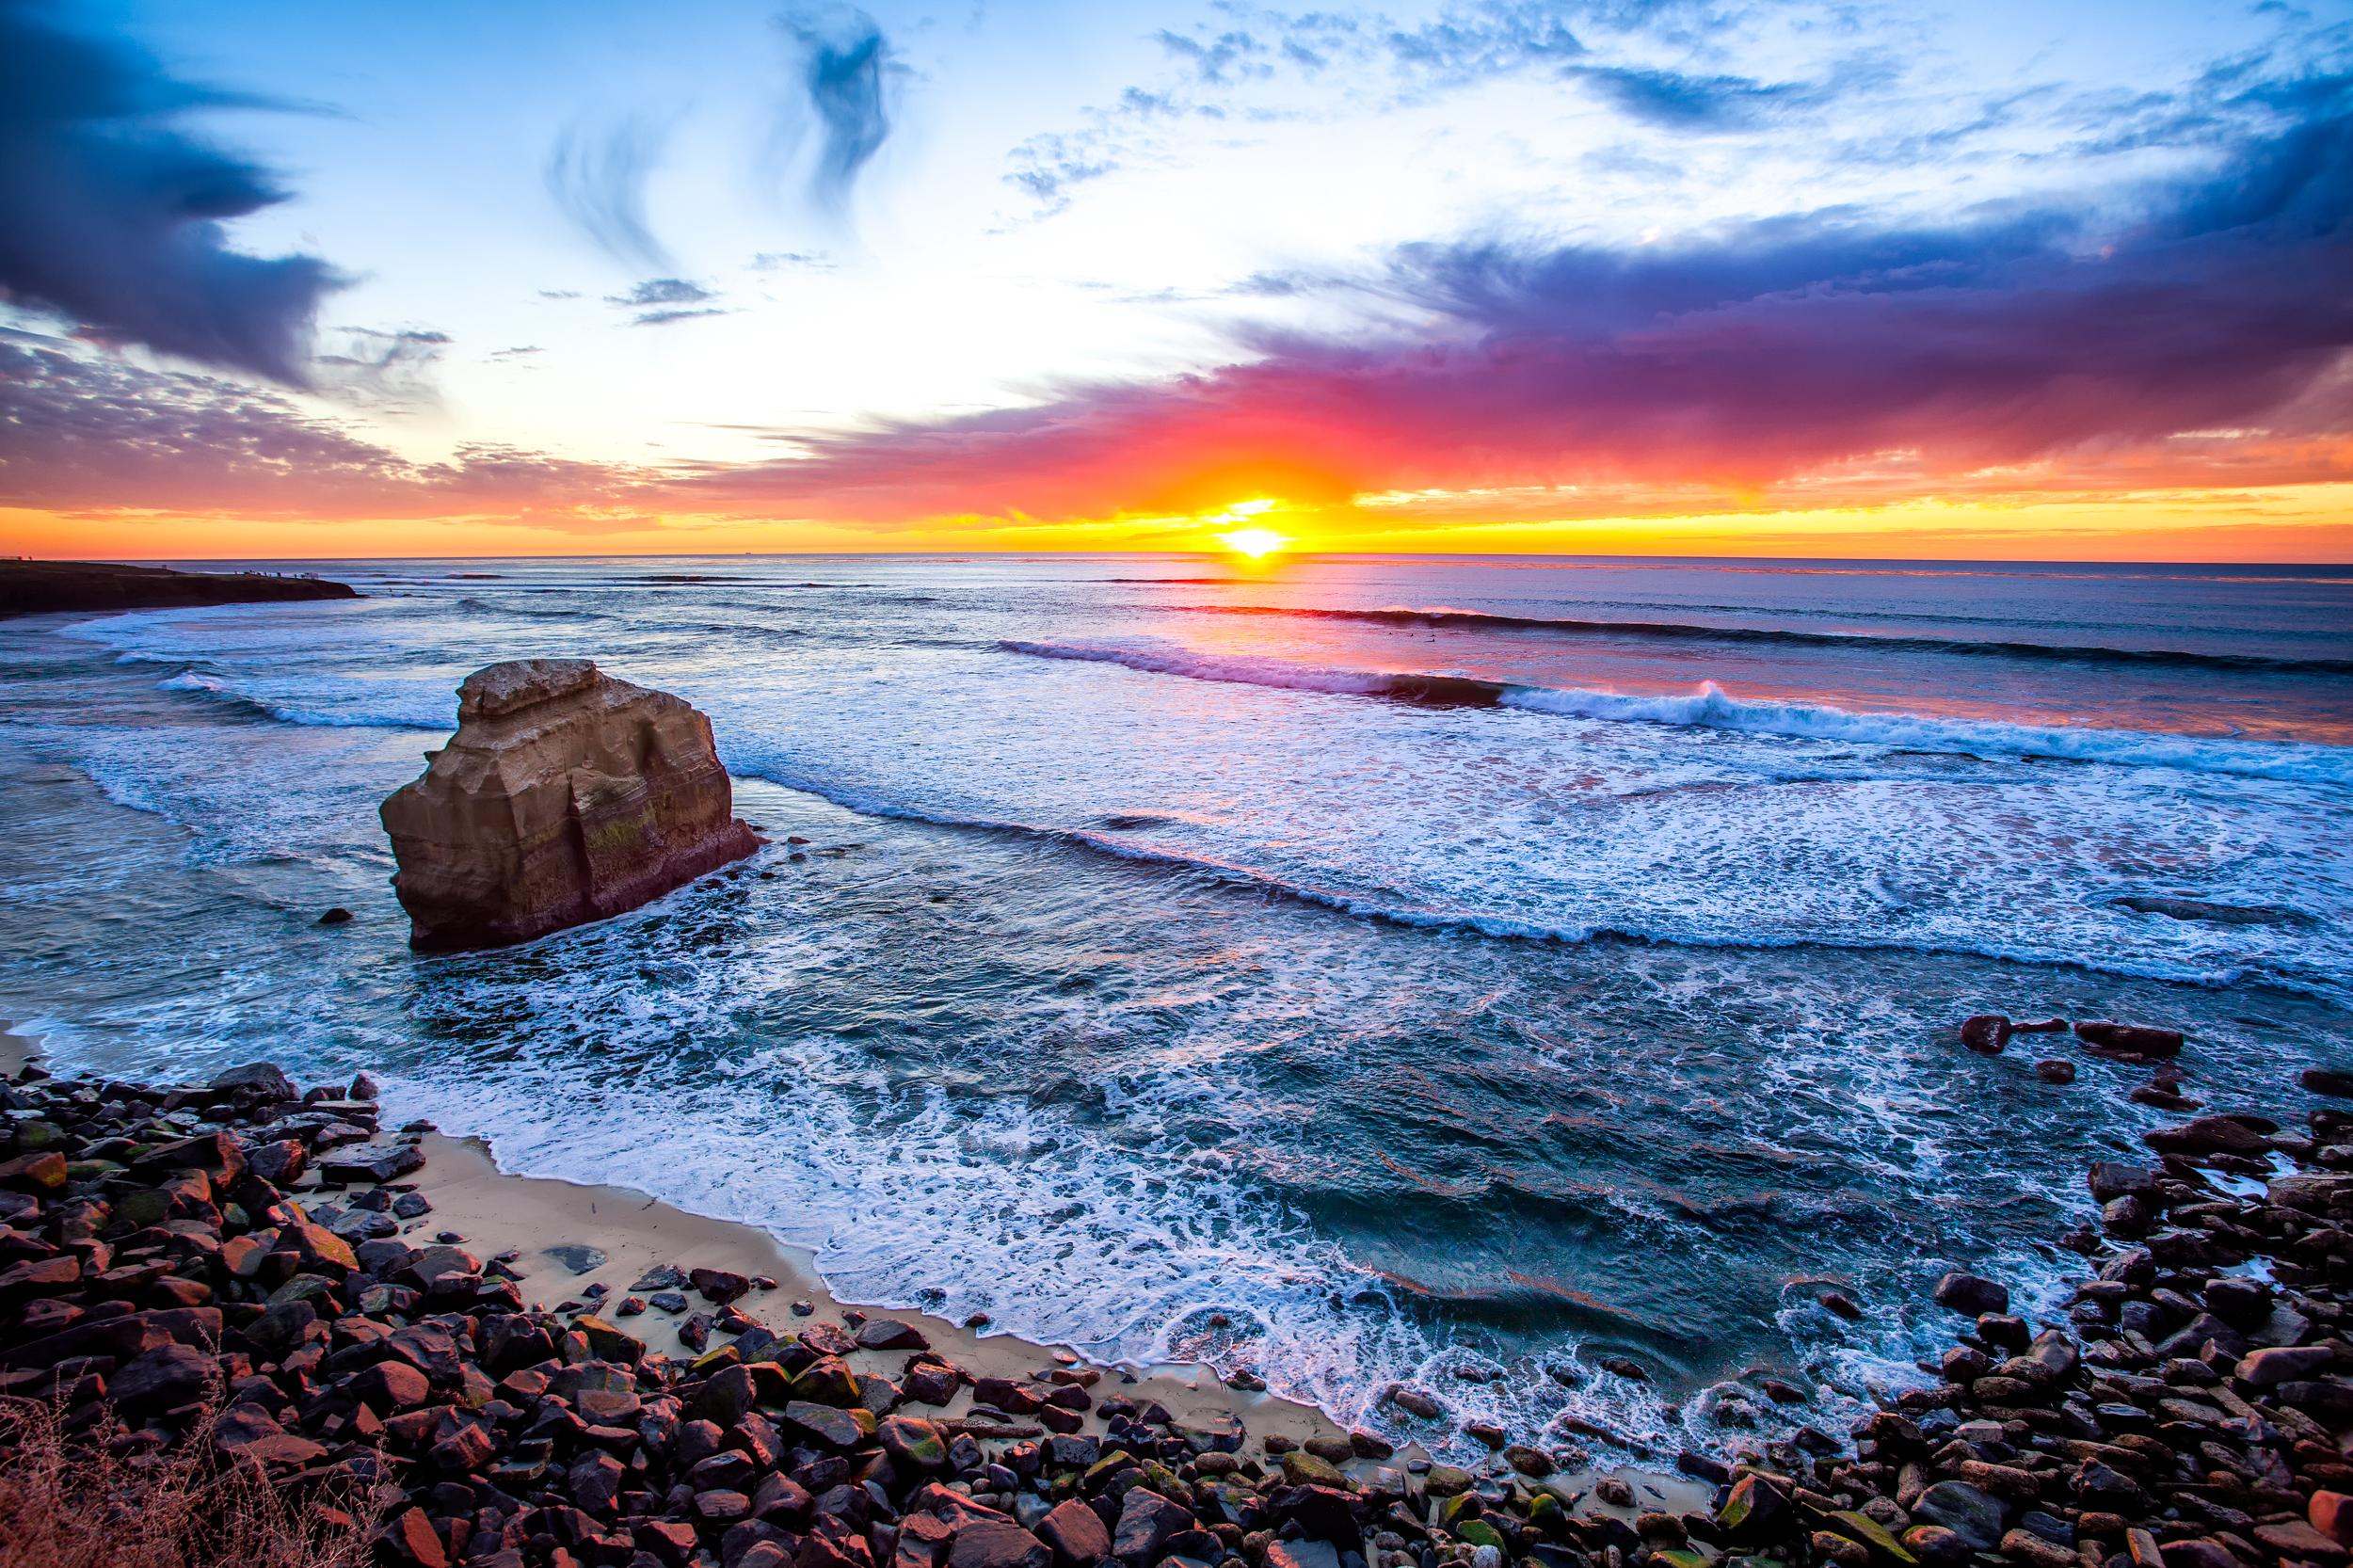 море океан камни скалы закат sea the ocean stones rock sunset  № 2530634 без смс